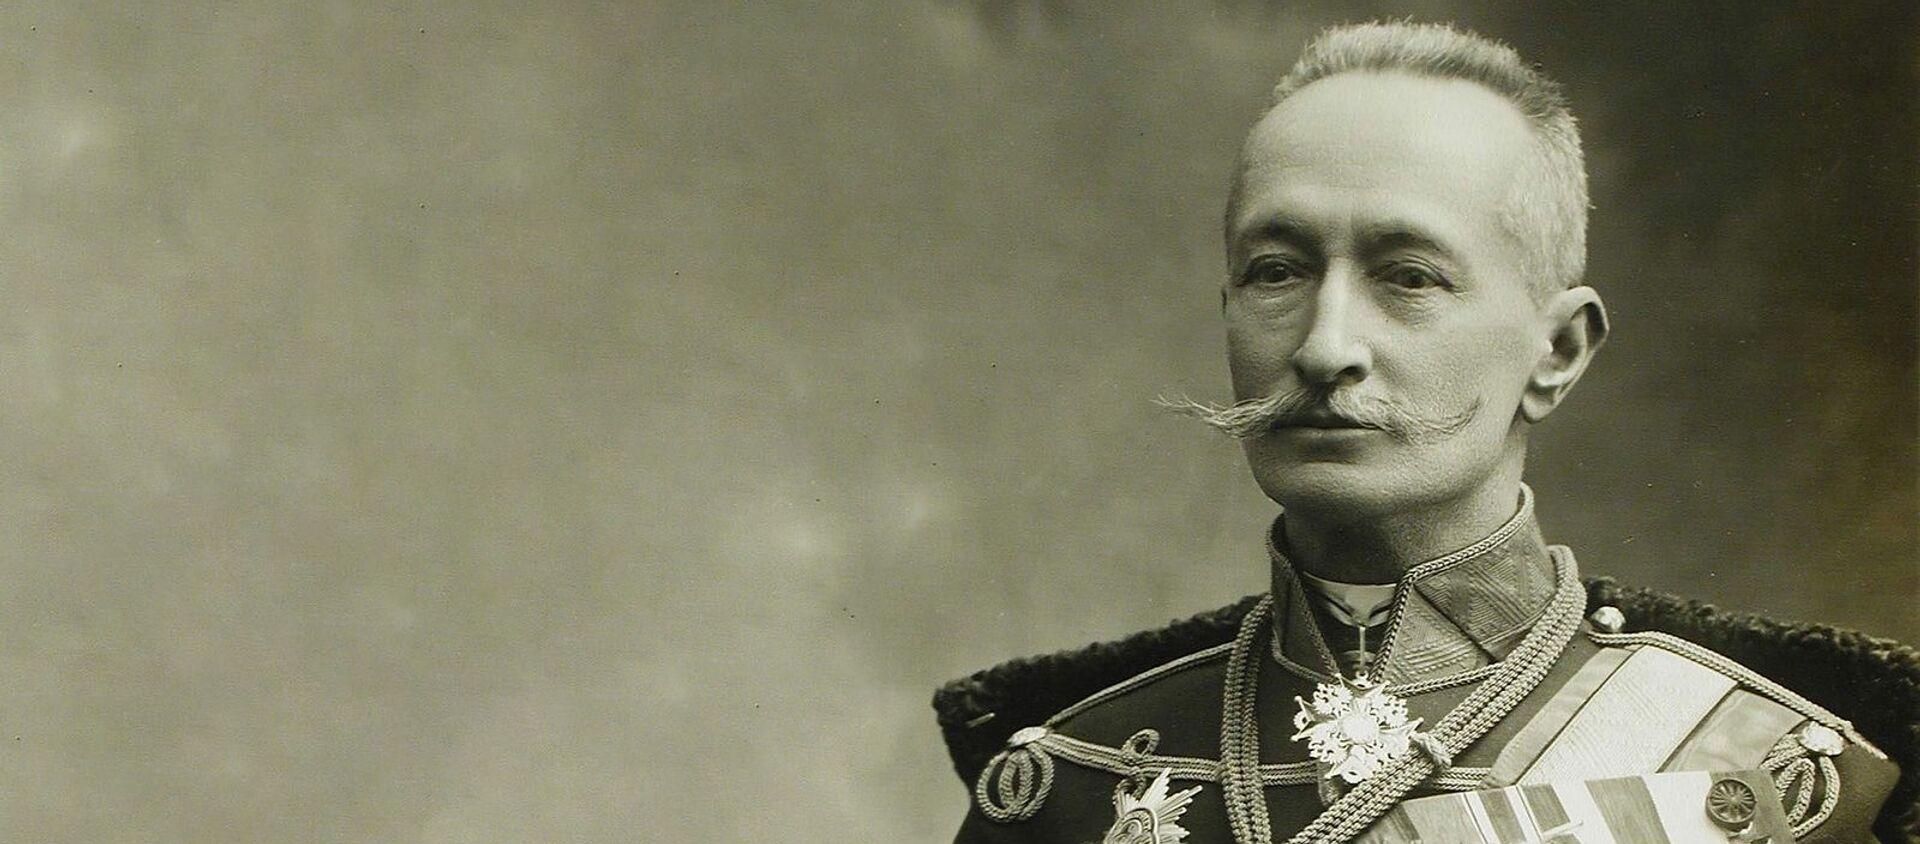 Алексей Брусилов - Sputnik Армения, 1920, 08.01.2020